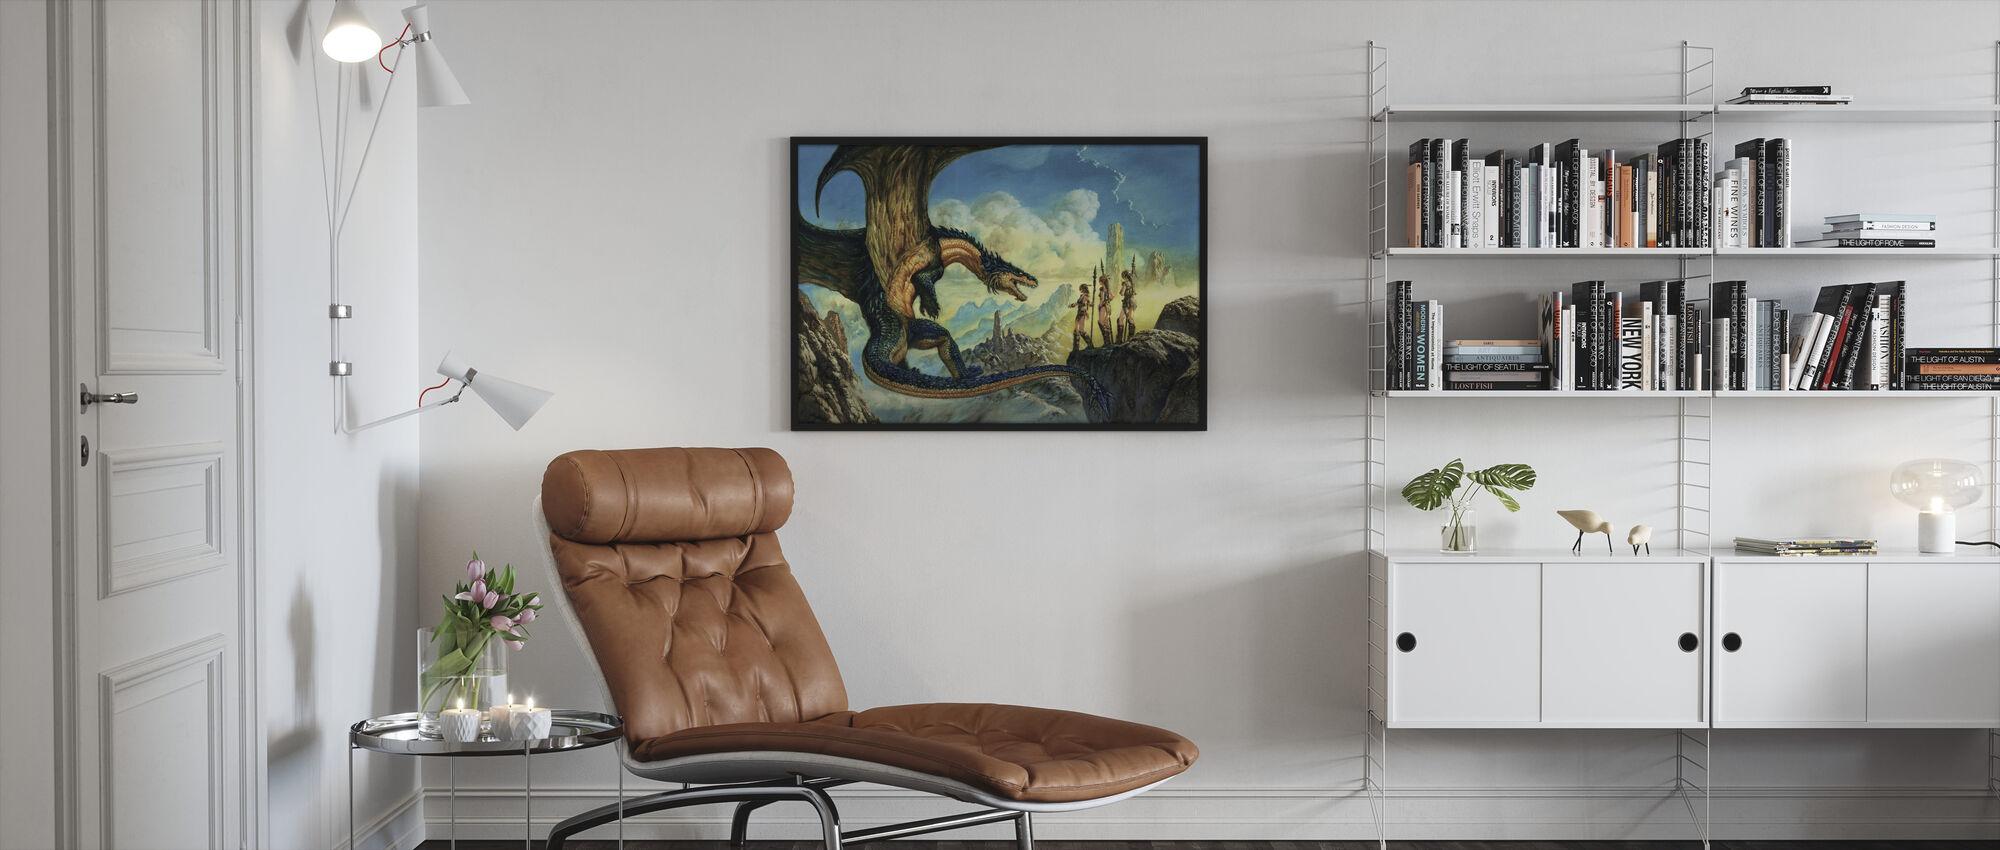 Aliance - Framed print - Living Room